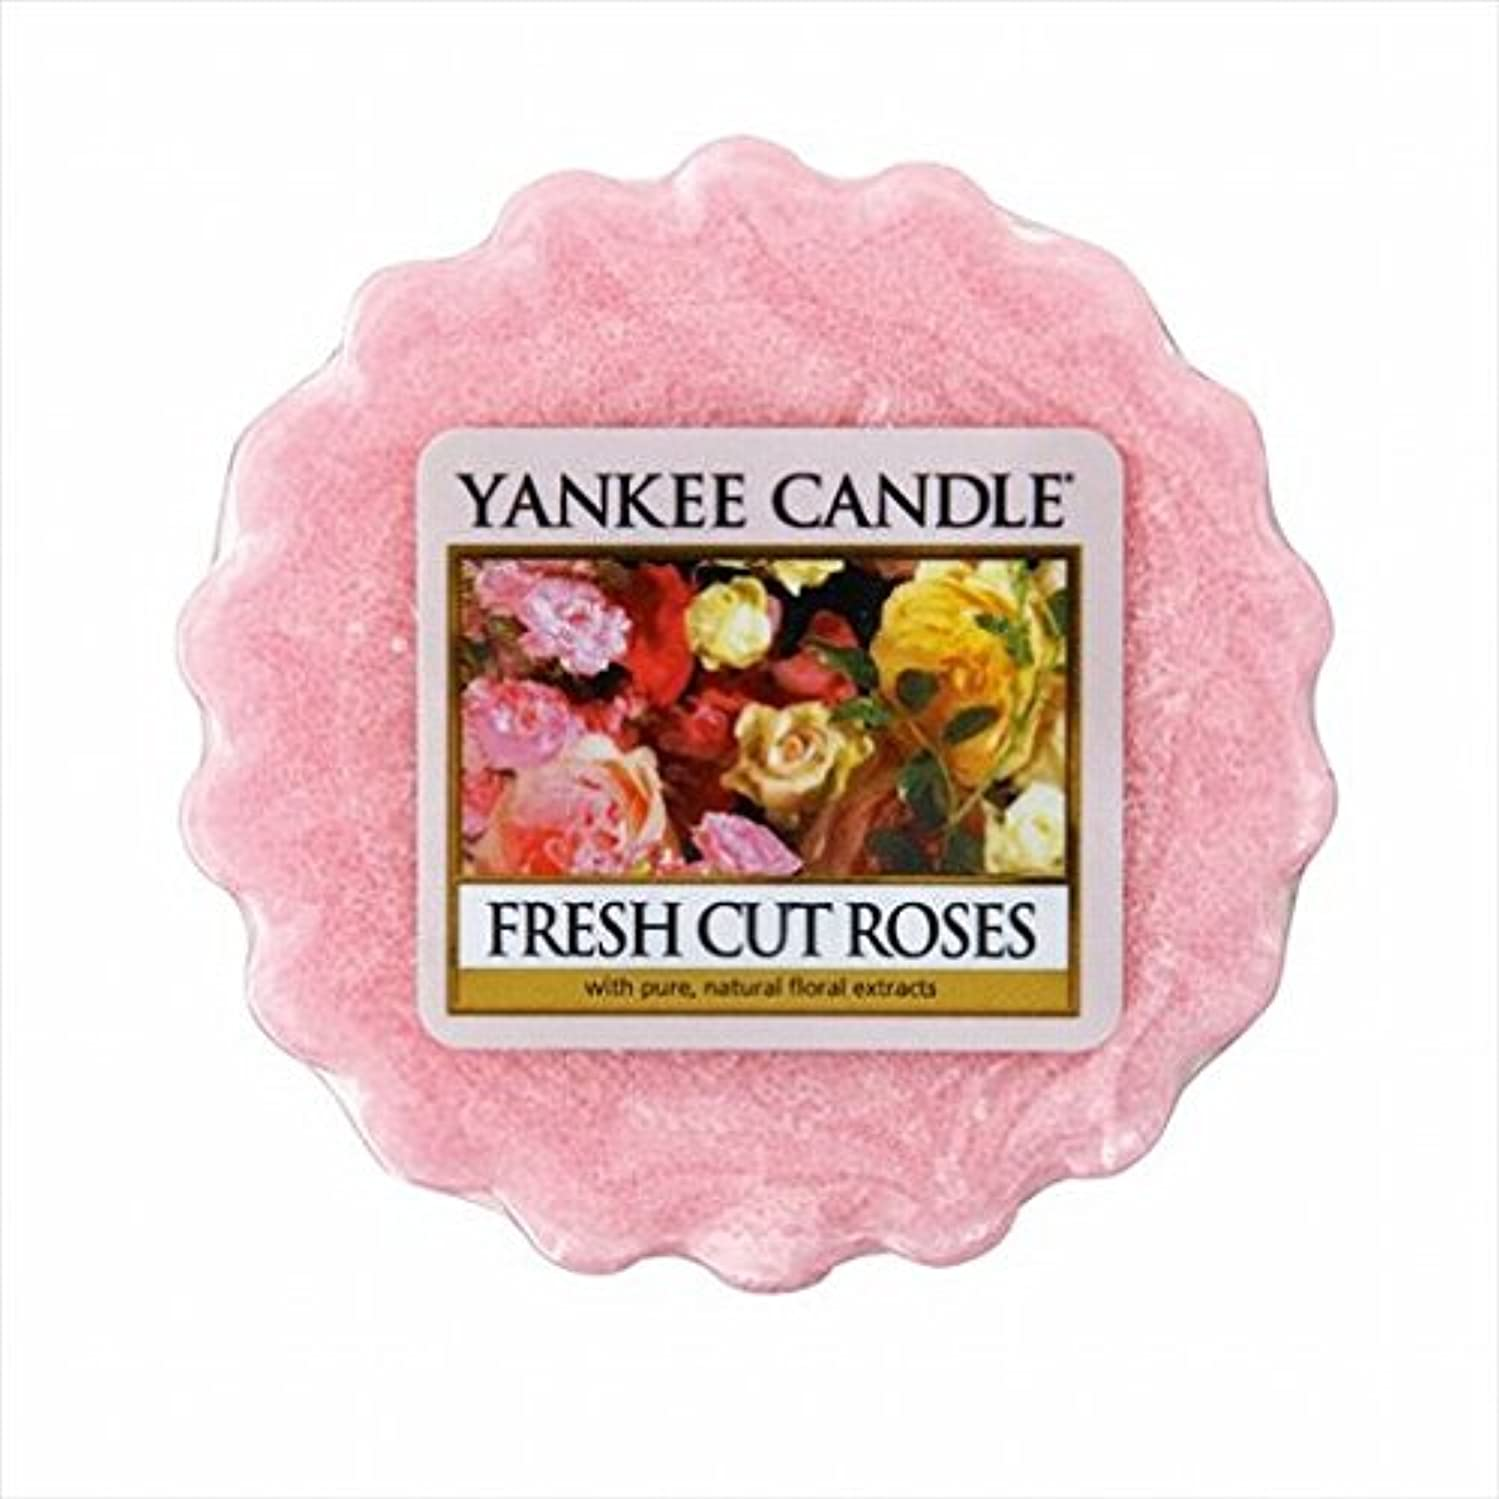 コンチネンタルギネス伝統カメヤマキャンドル( kameyama candle ) YANKEE CANDLE タルト ワックスポプリ 「 フレッシュカットローズ 」